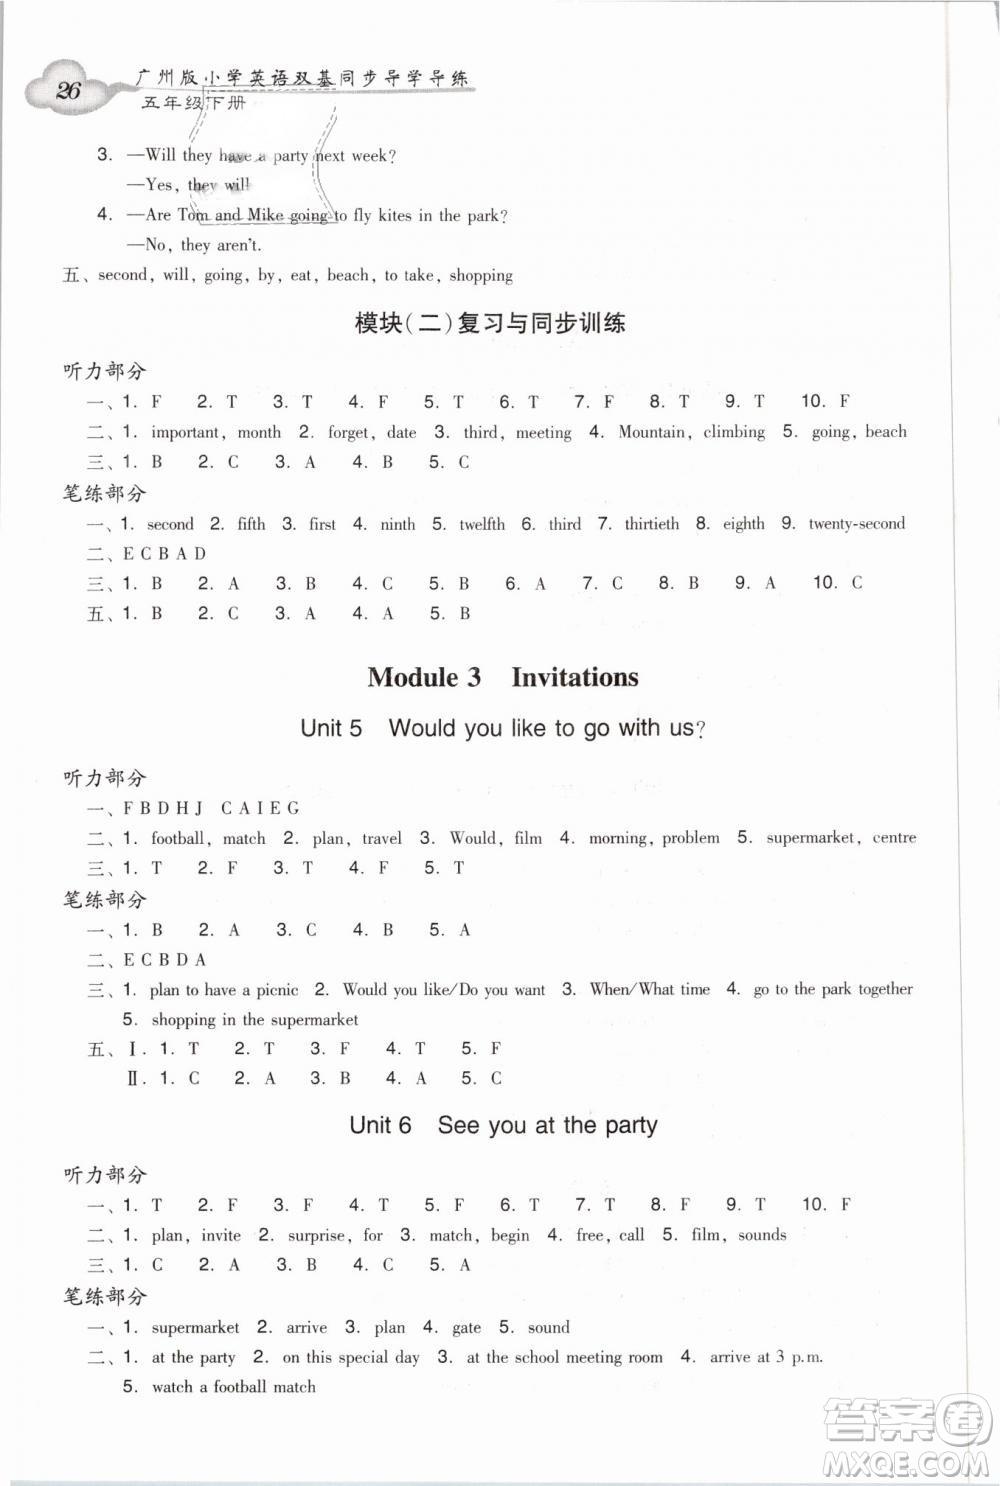 王牌英语top2019新版小学英语双基同步导学导练五年级下册广州答案